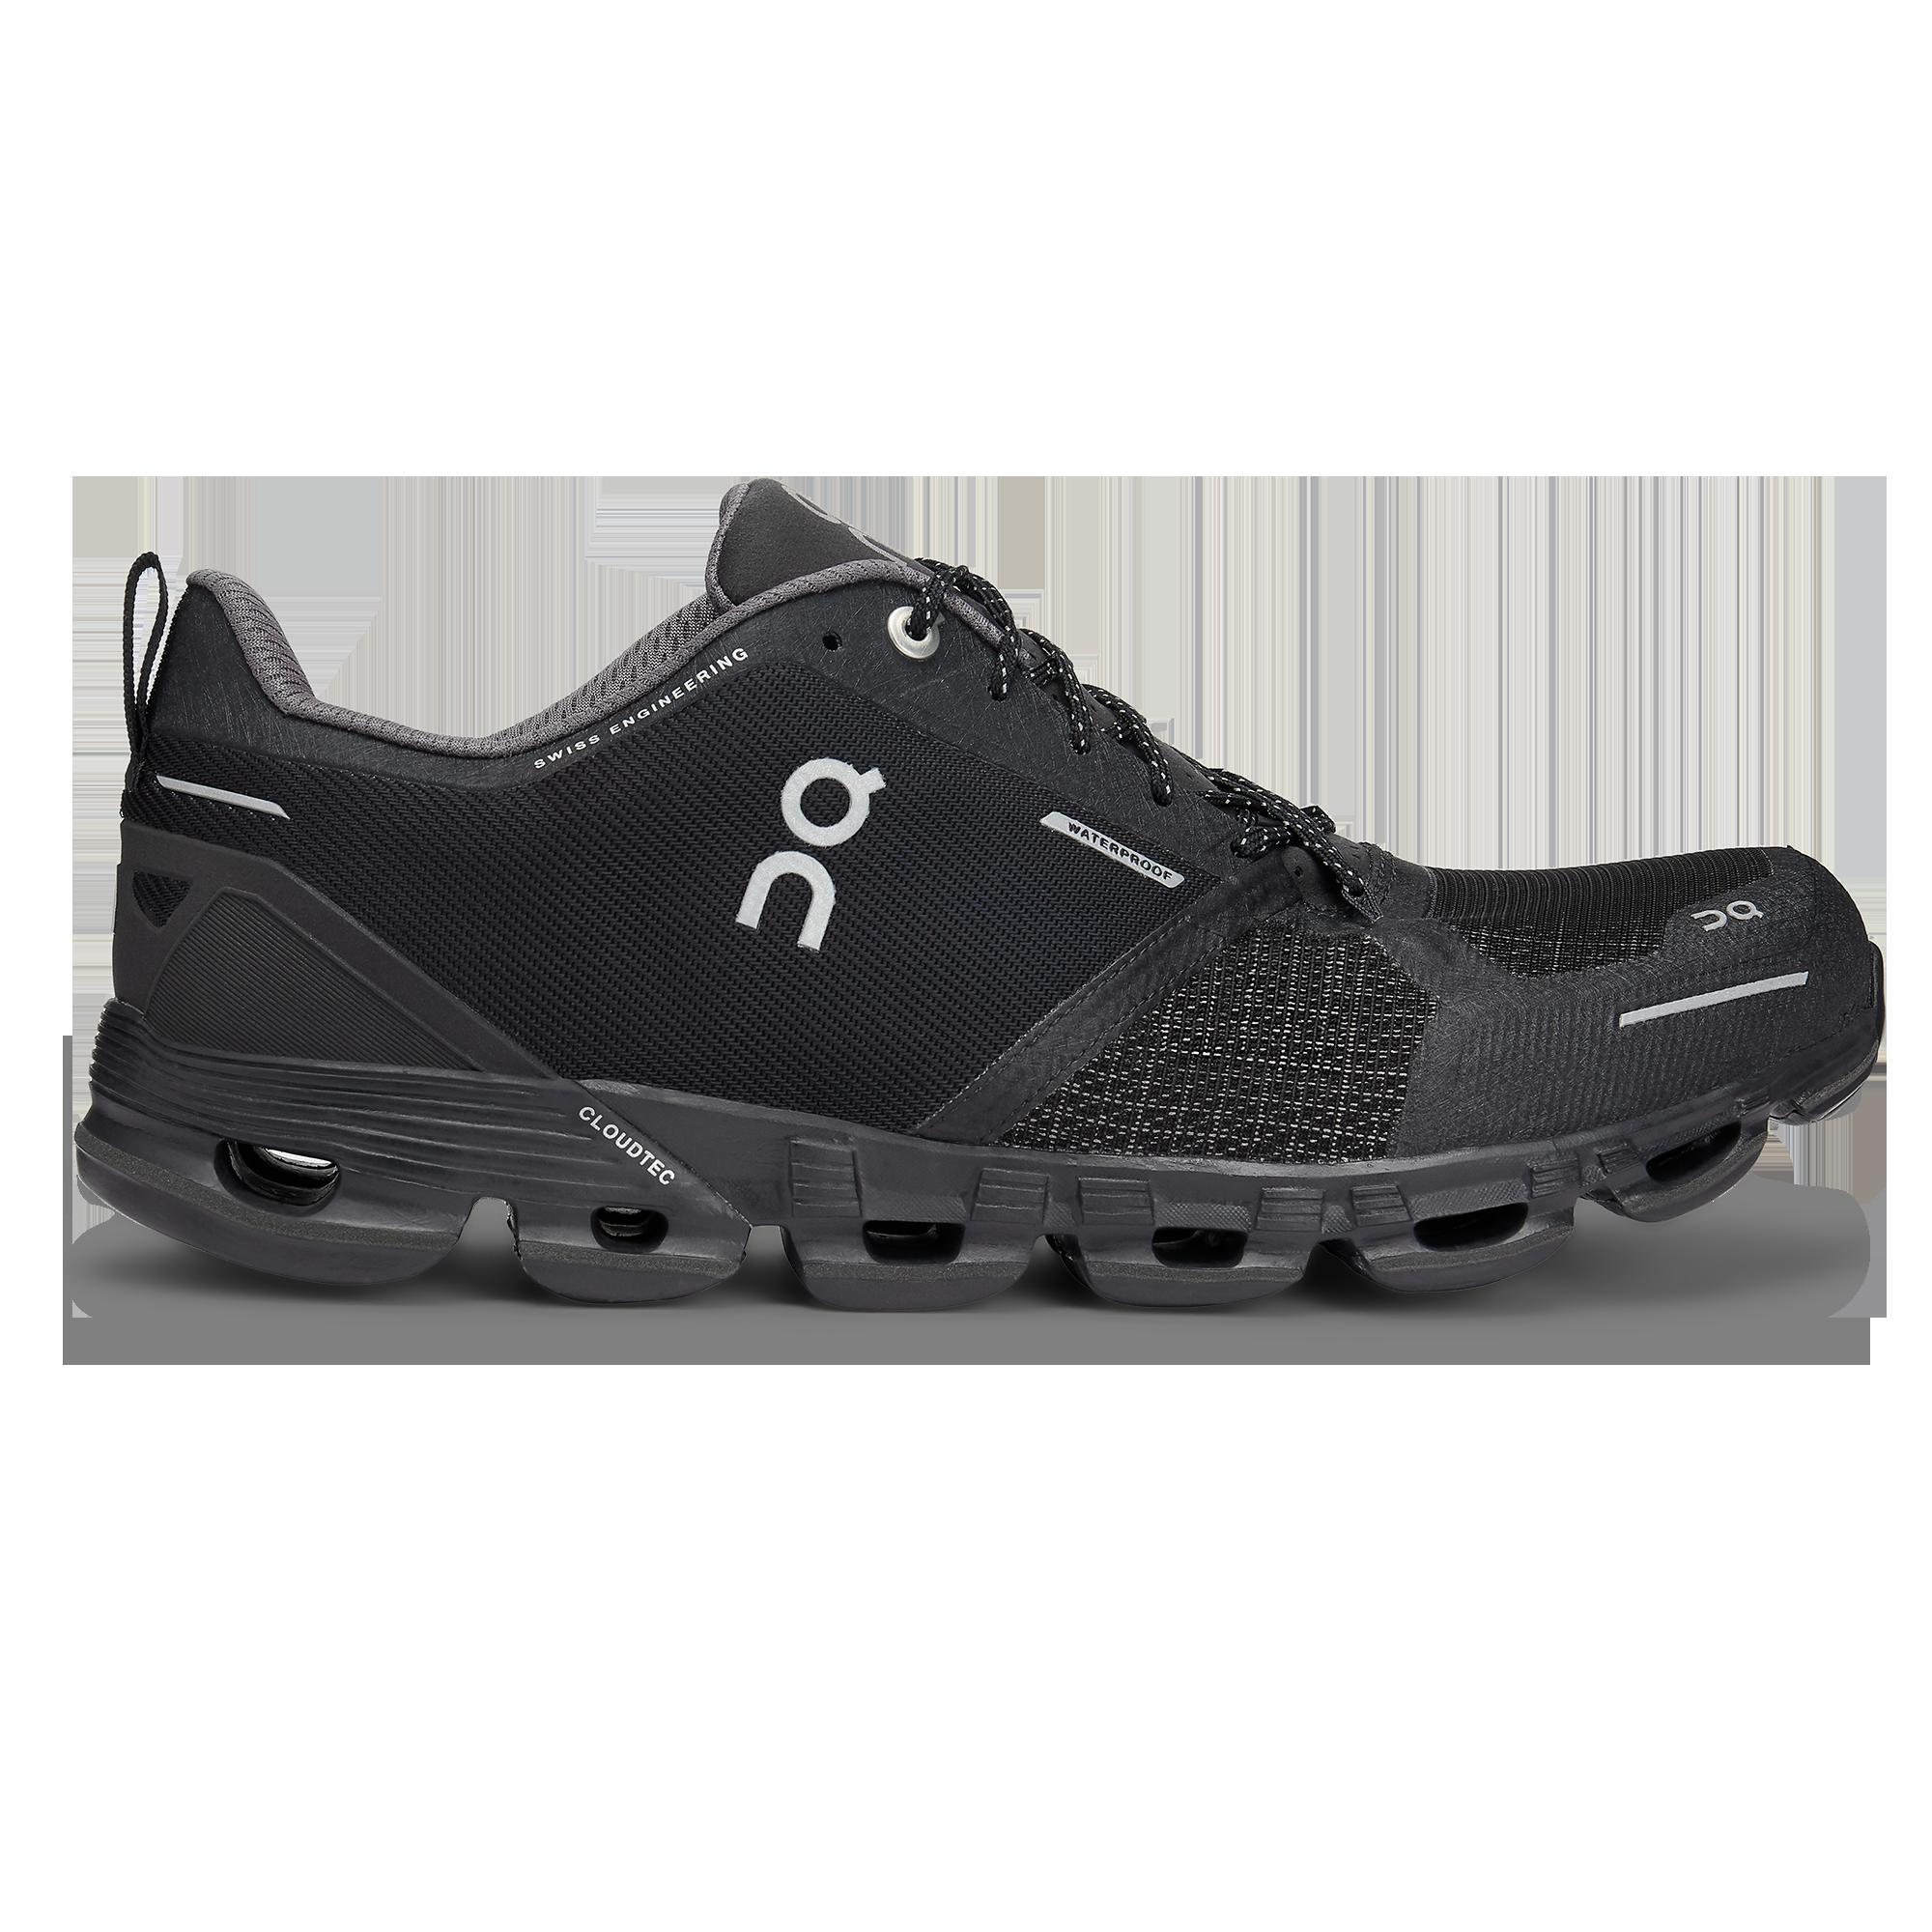 Cloudflyer Waterproof Waterproof Stability Running Shoe | On